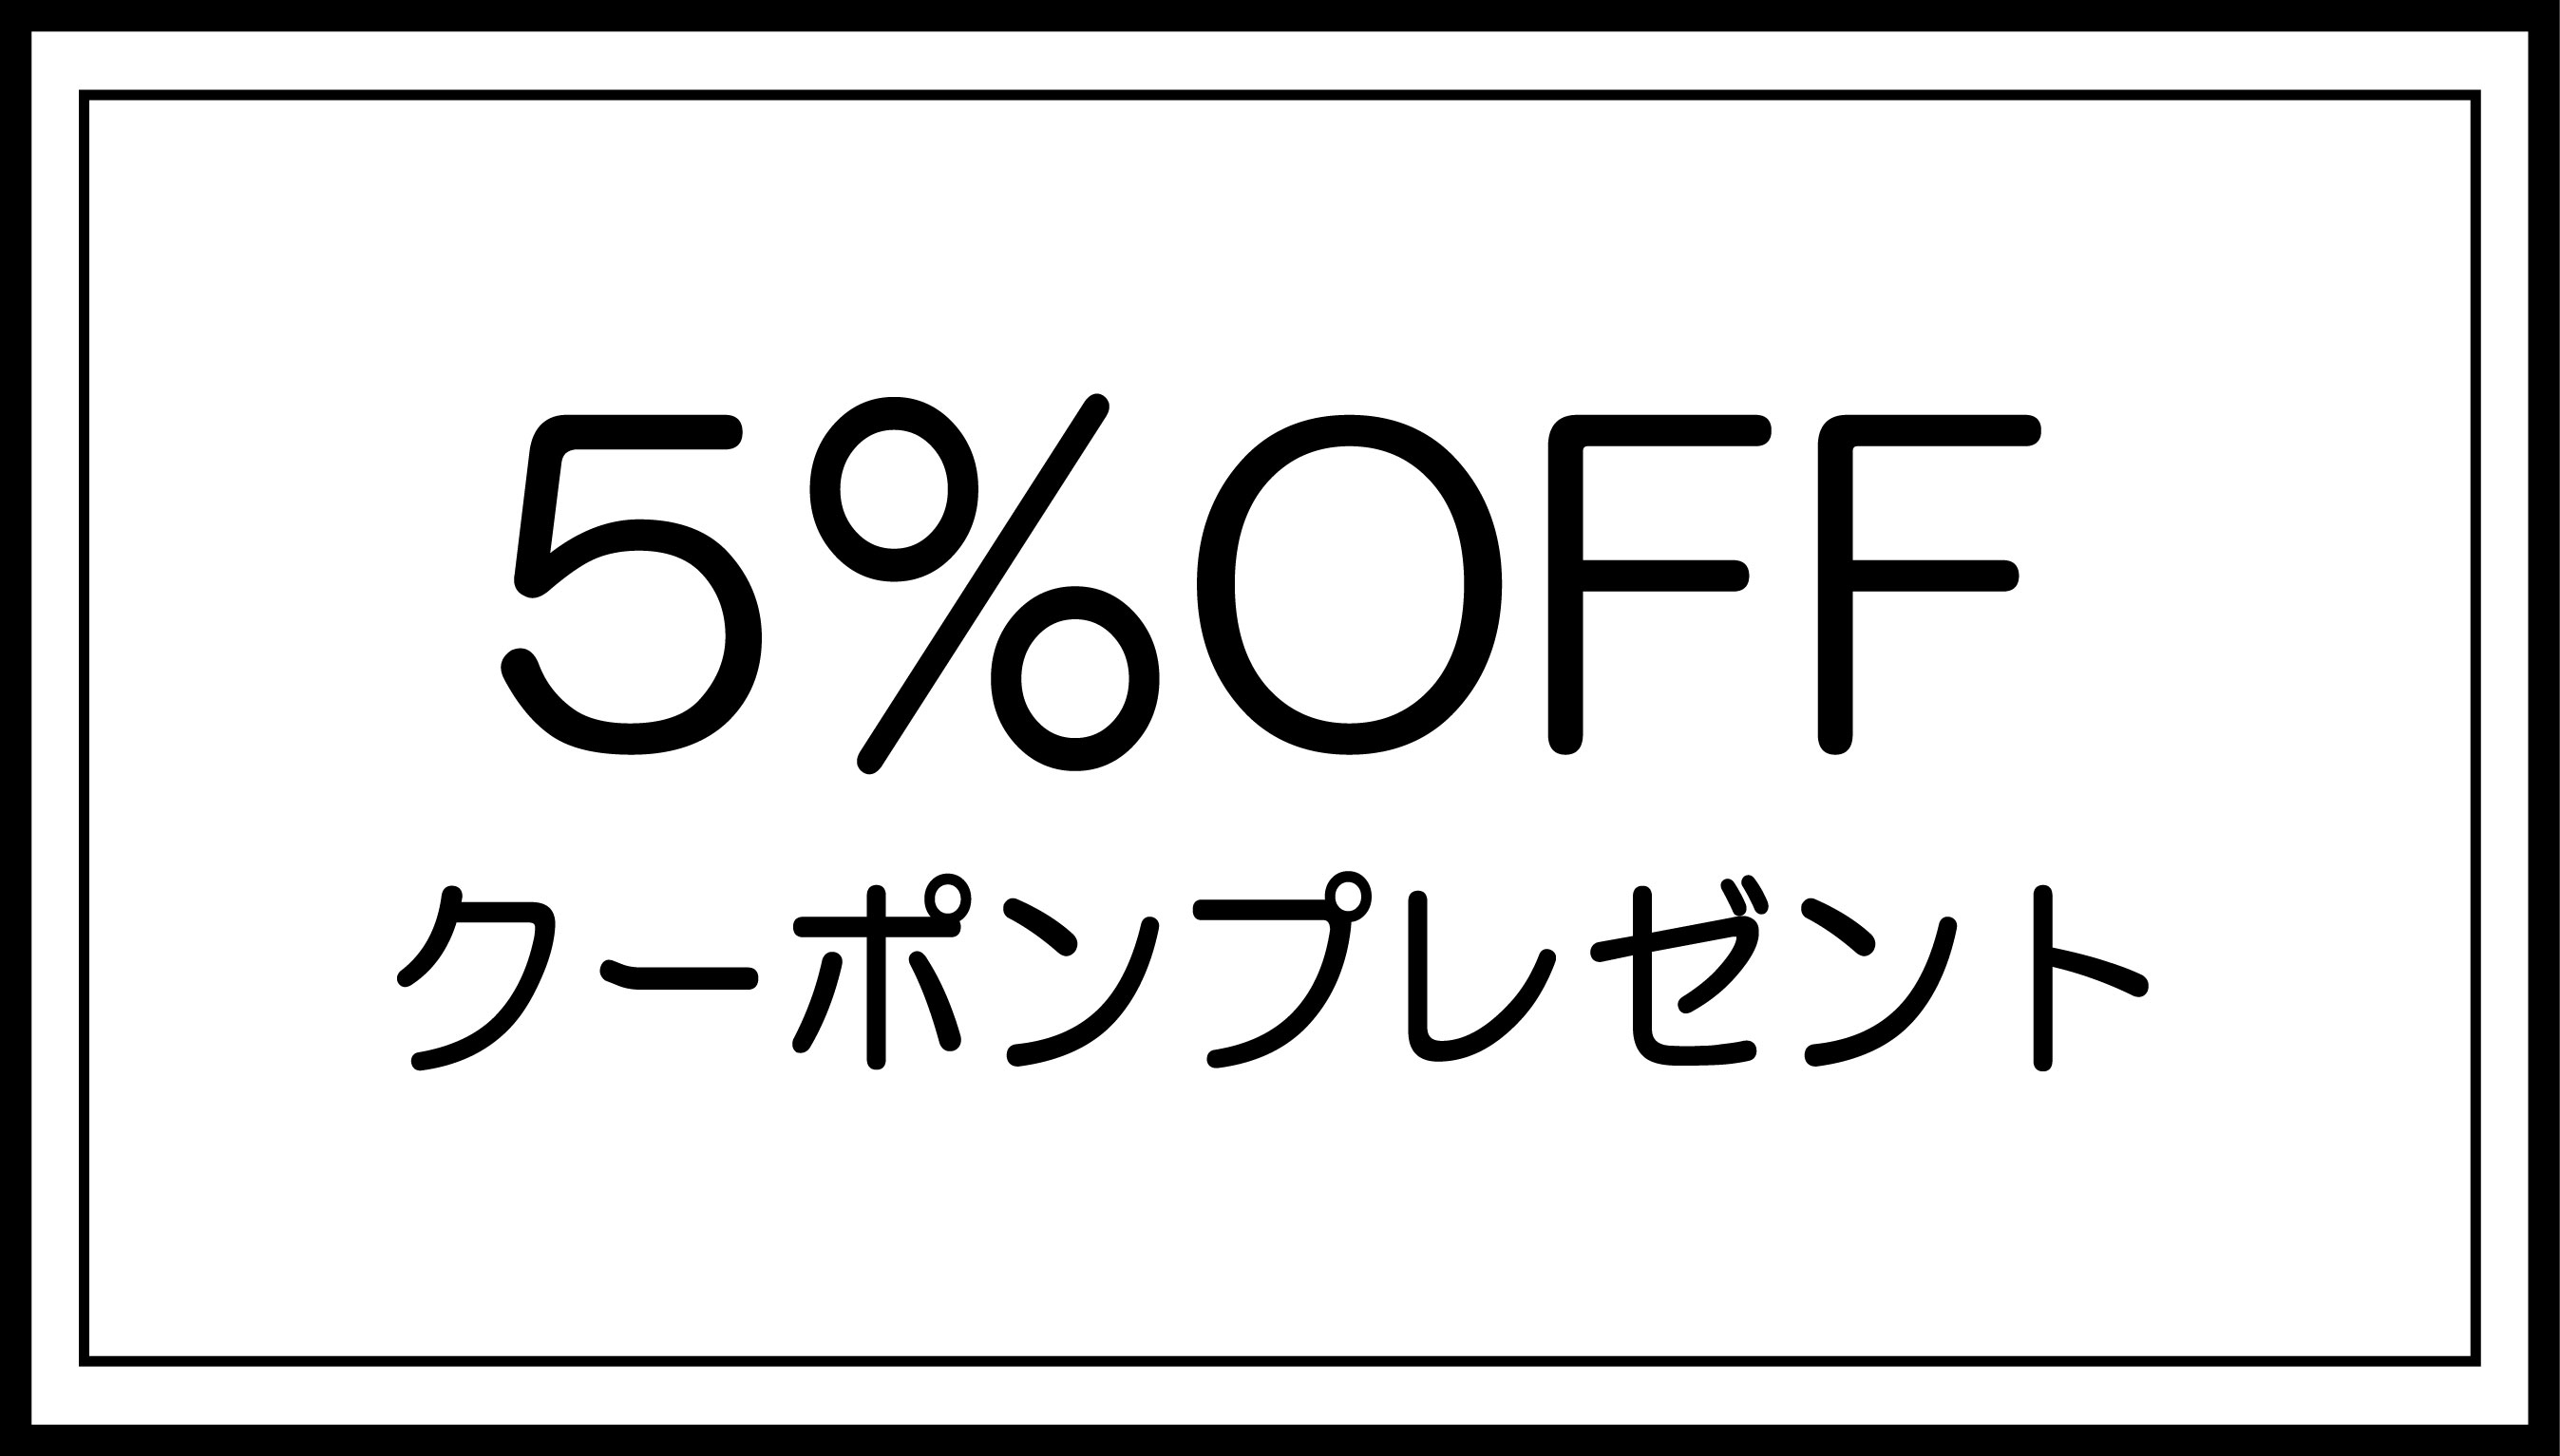 アプリ以外にも使用可能!! 10/22~24日に利用できる5%OFF ショッピングクーポンプレゼント